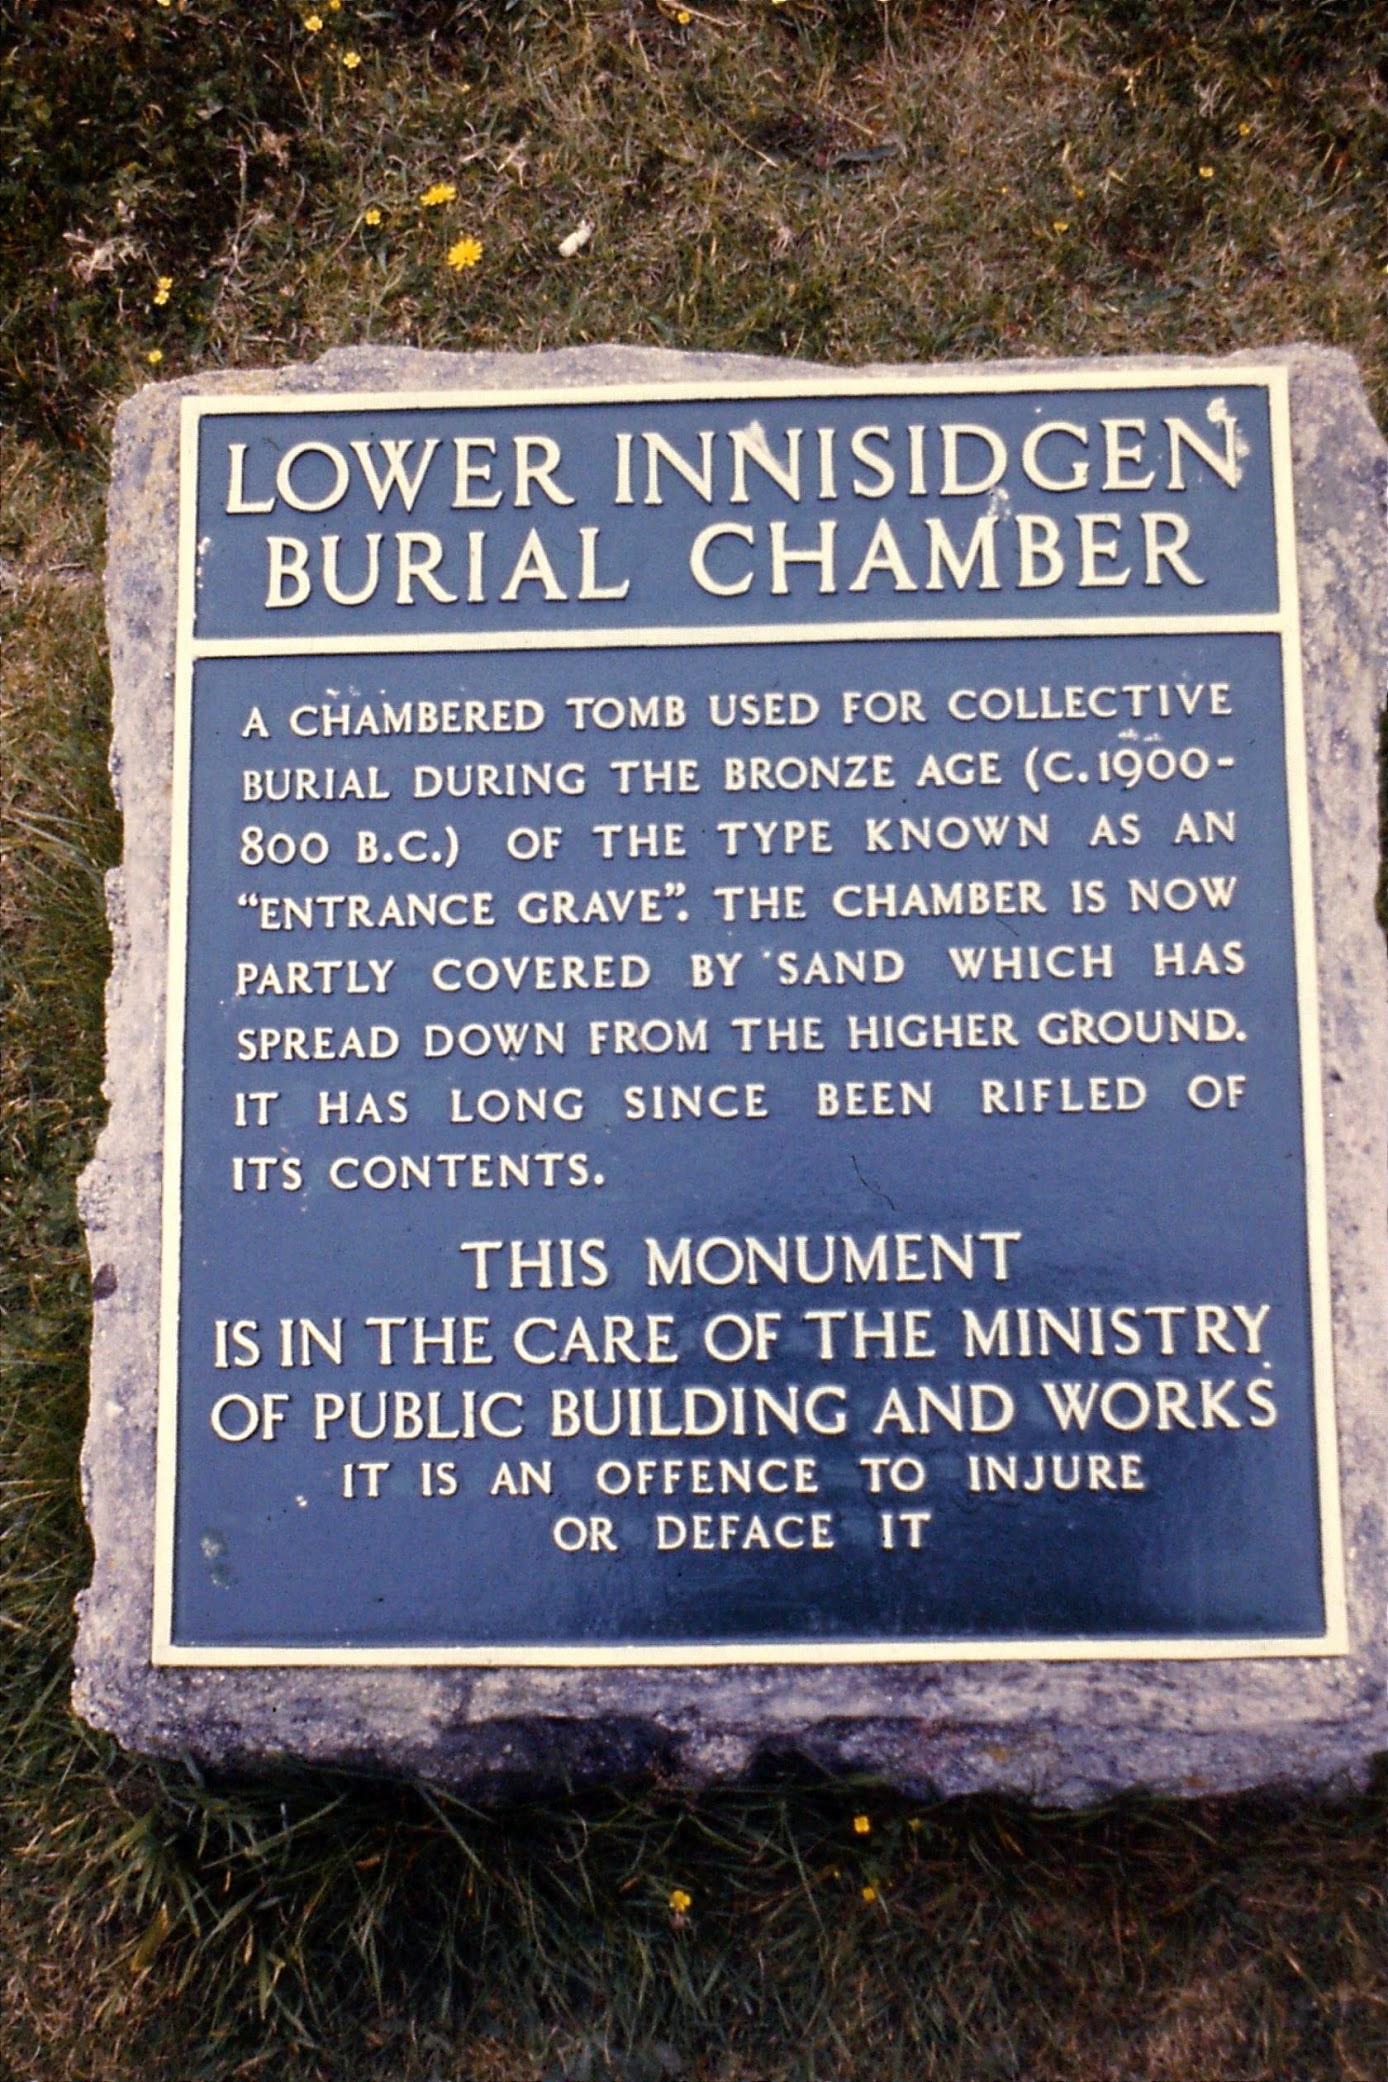 Innisidgen_lower_sign